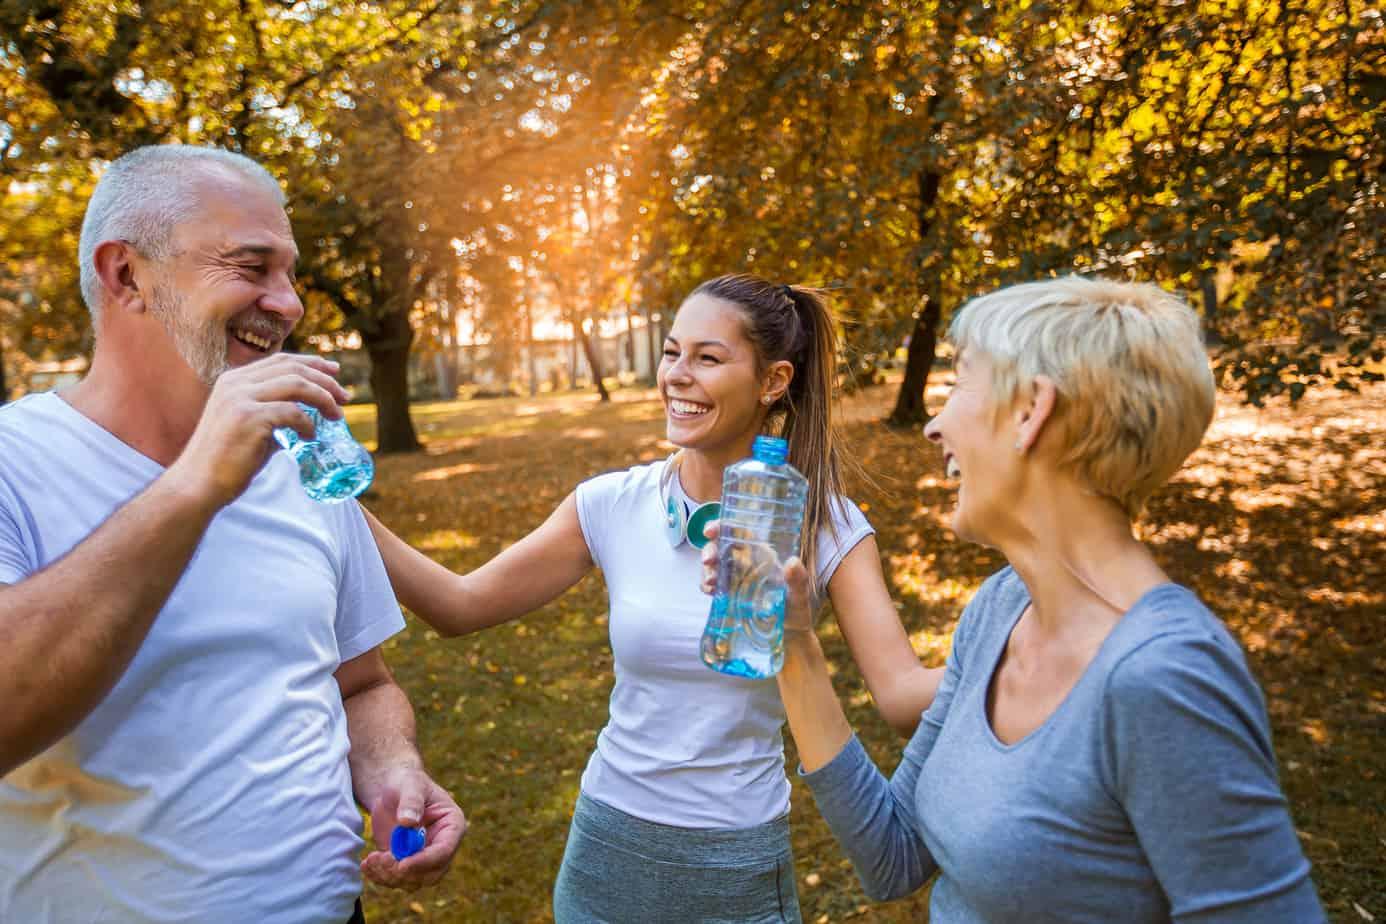 persone sorridono dopo l'attività fisica